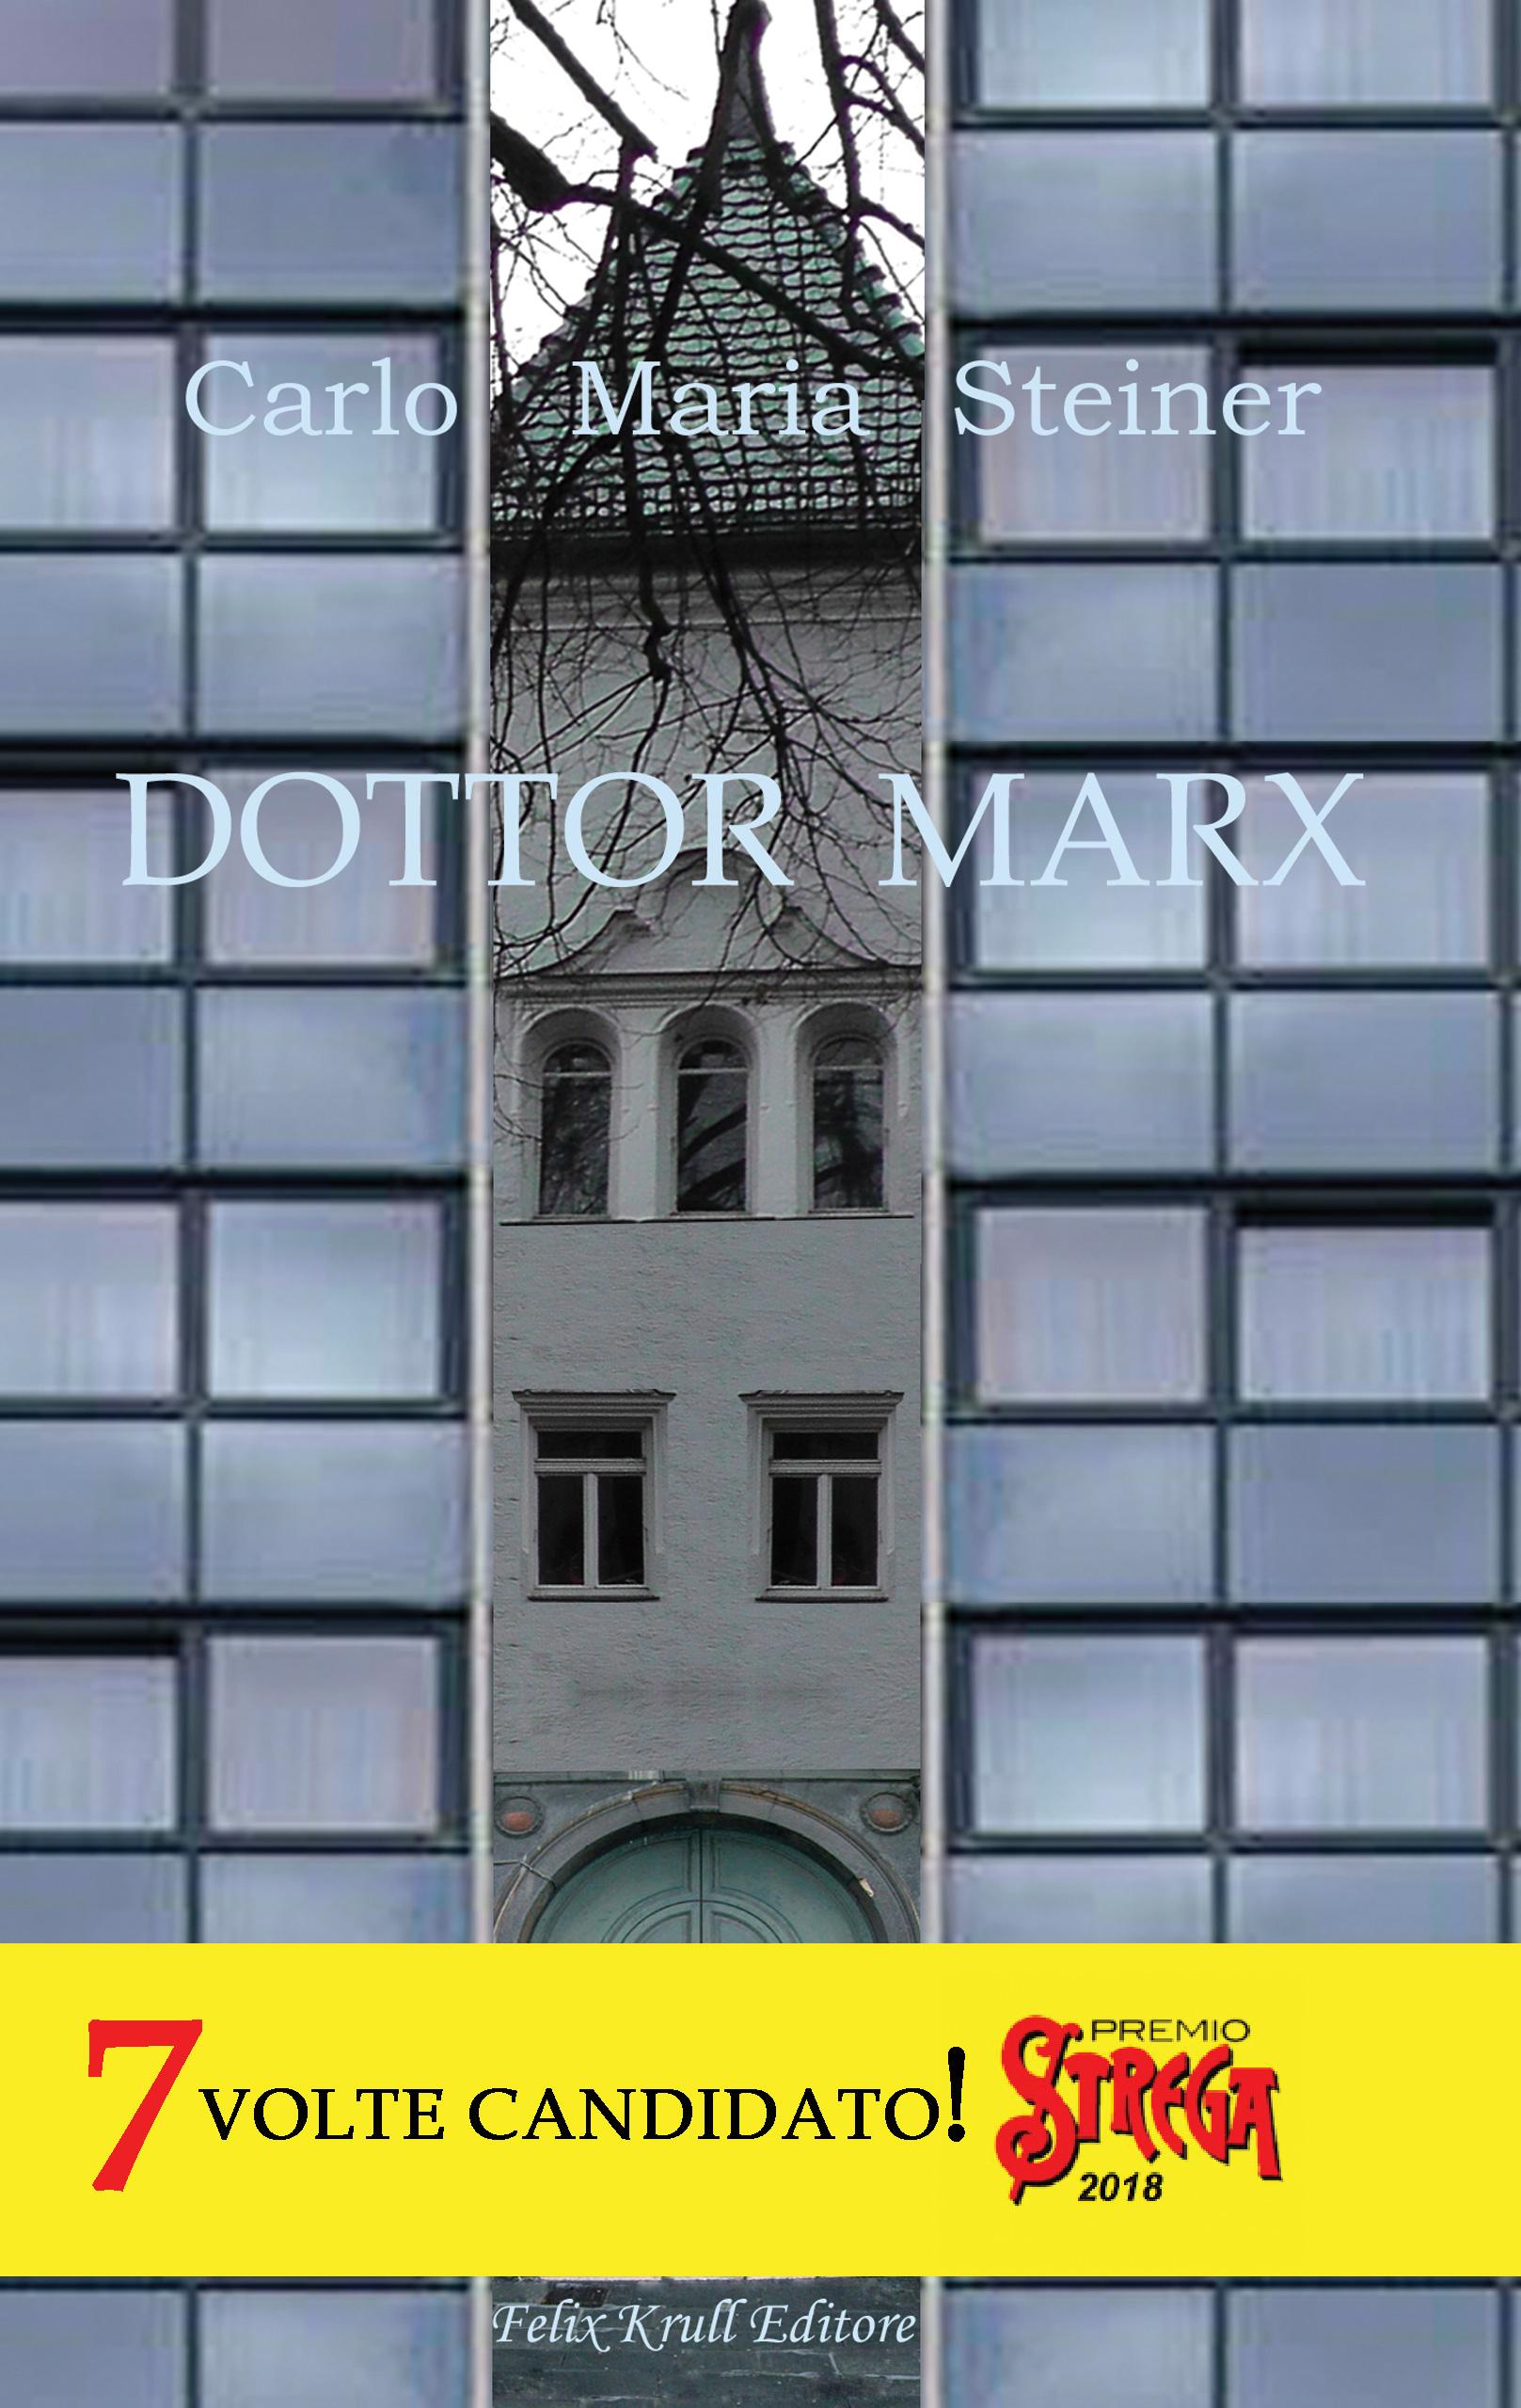 Dottor Marx. Storia di un umanista alle soglie del diluvio digitale